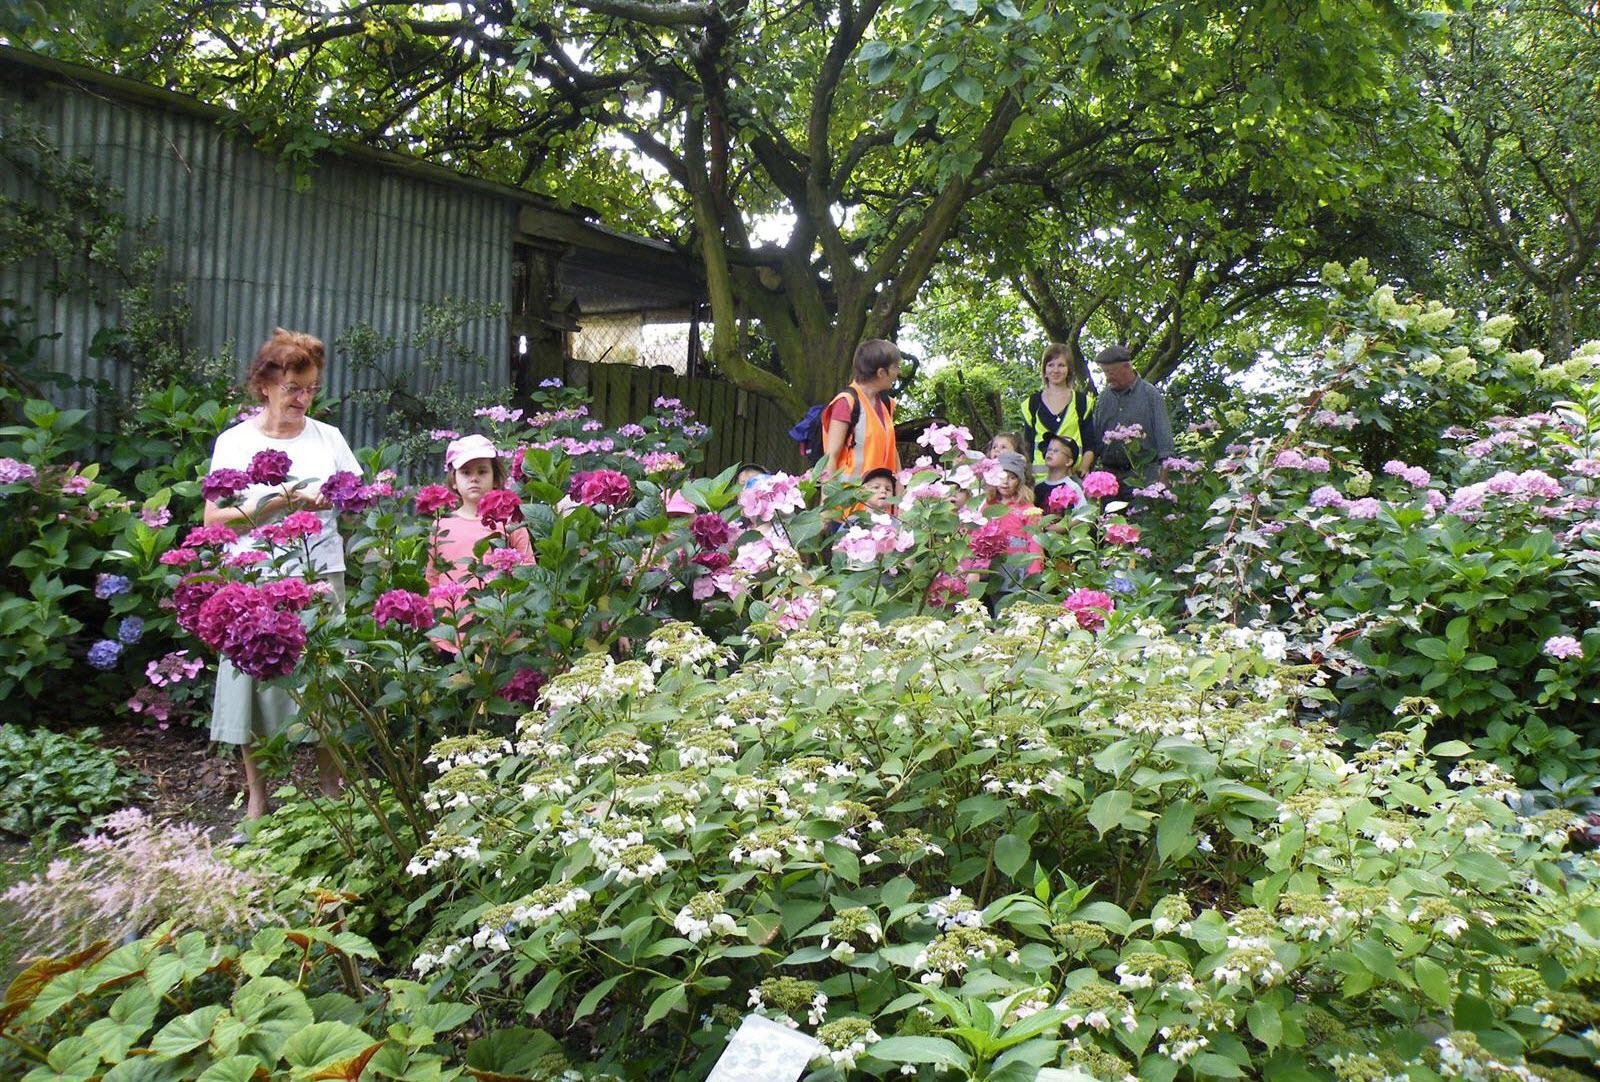 La Chaux | Le Jardin Des Sources, Un Havre De Verdure Et De Paix intérieur Chaux Jardin